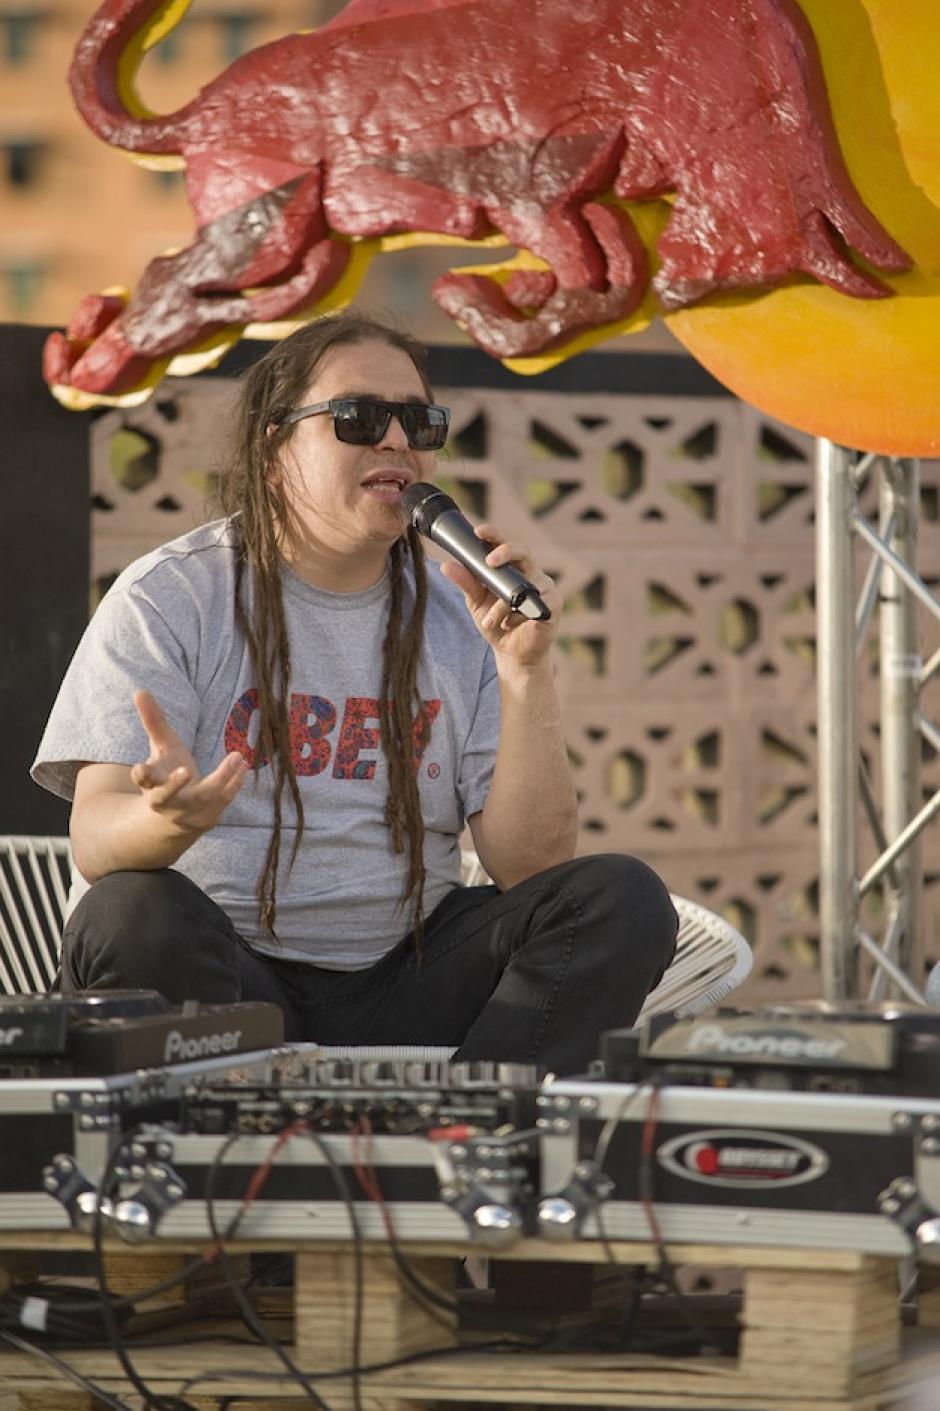 El Dj y productor mexicano fue conferencista en la academia del año 2010, celebrada en Londres Inglaterra. (Foto: J.J. Marorquín)